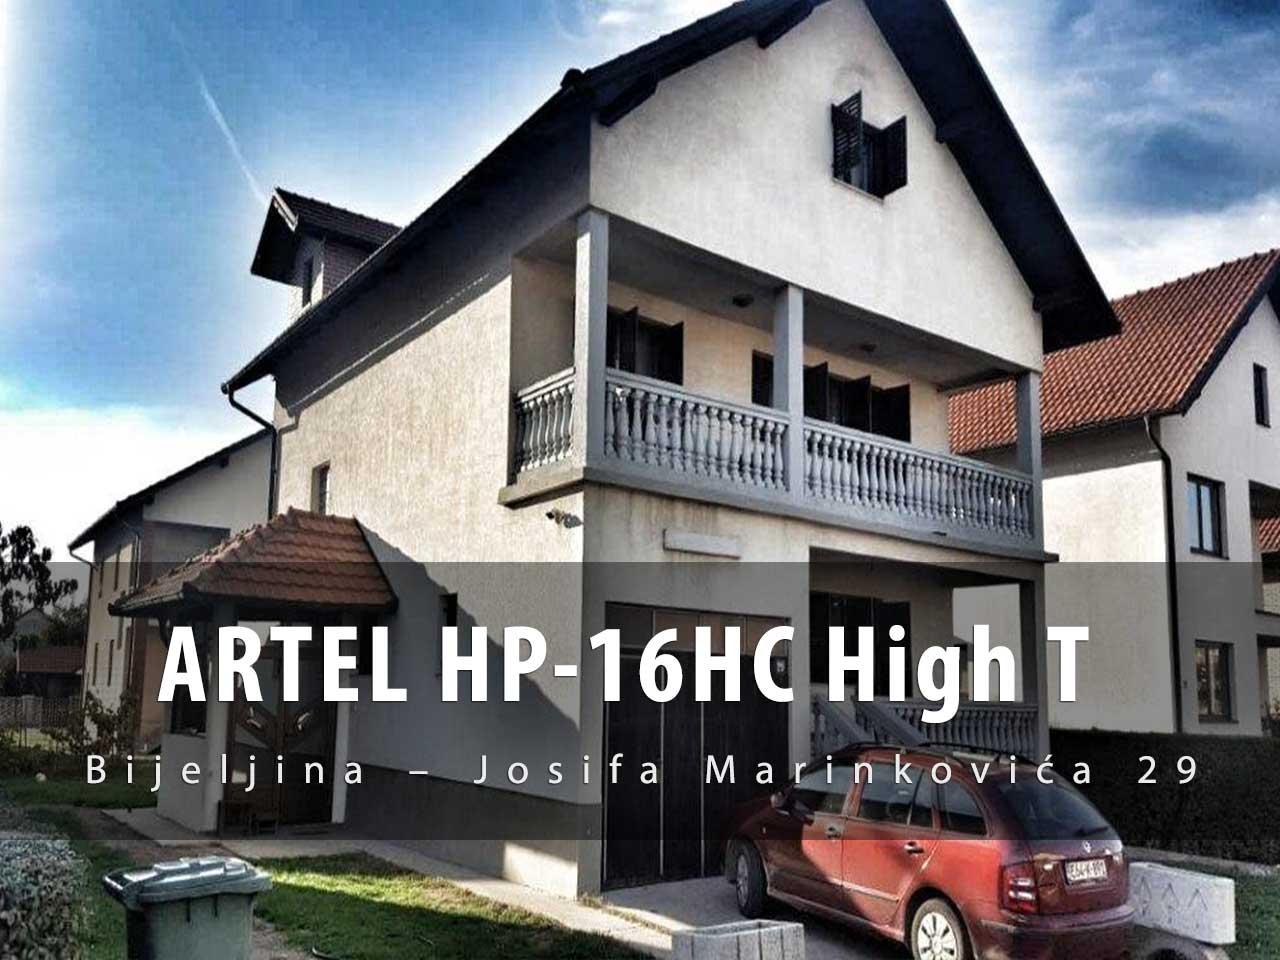 Toplotna pumpa Artel HP-16H HT